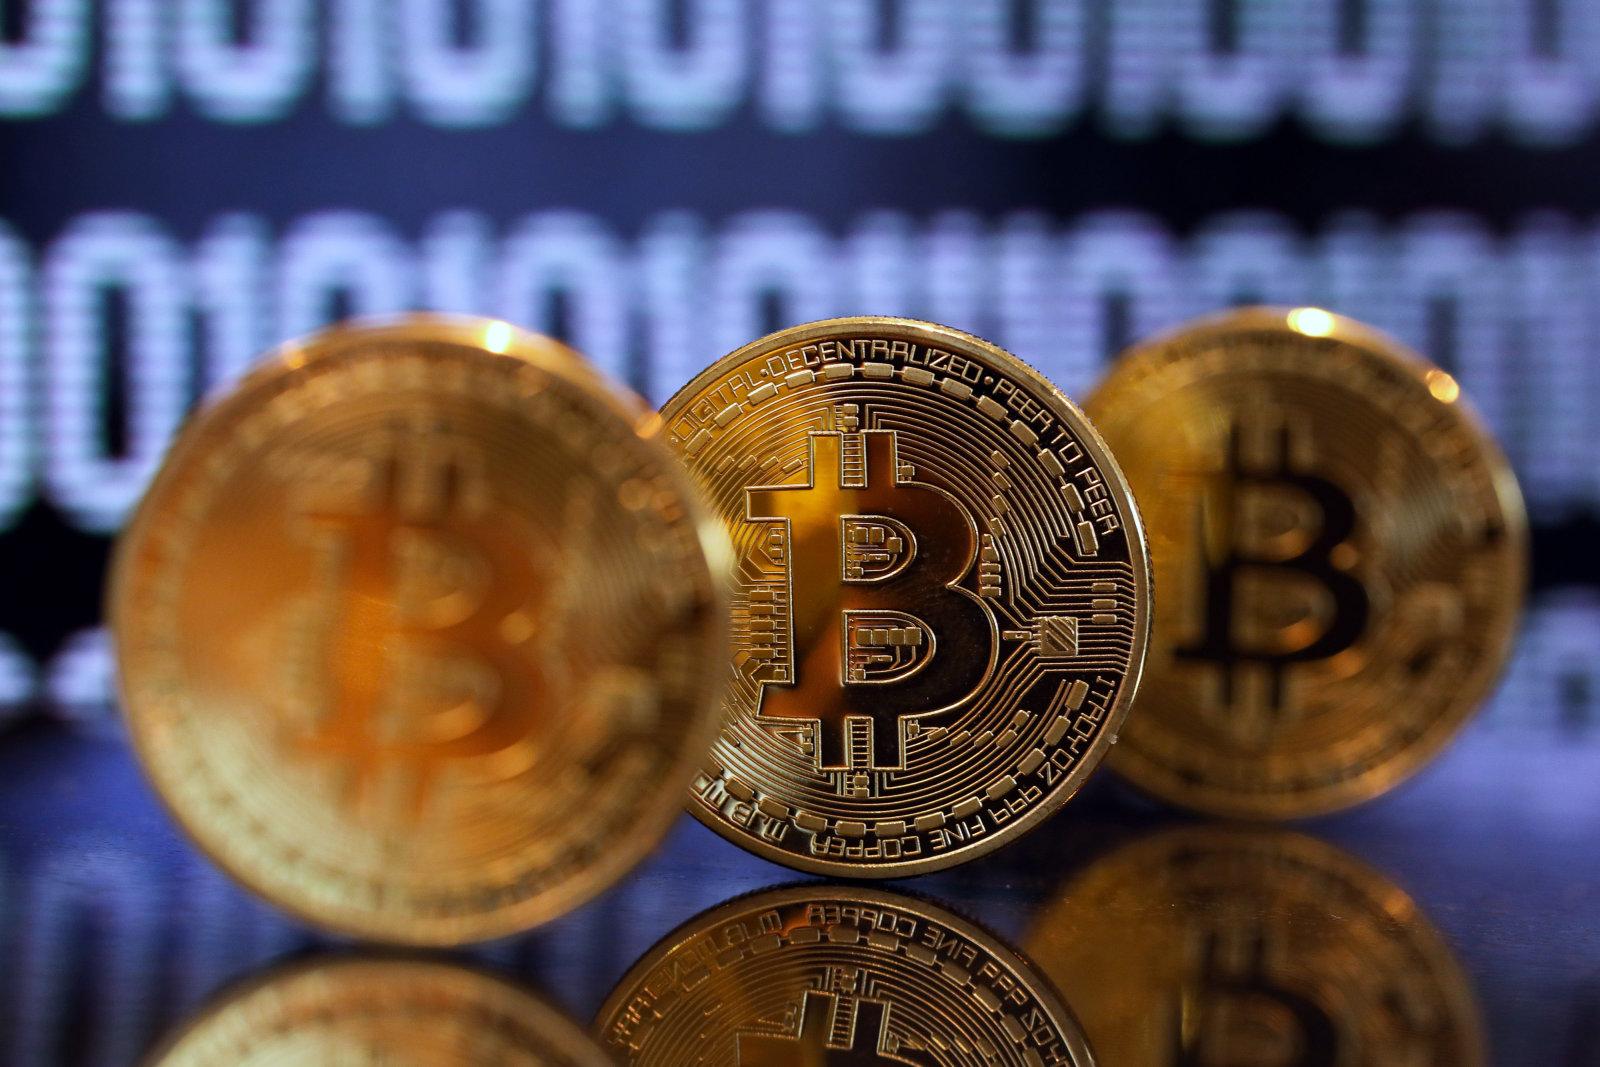 Bitcoin Güven Kaybediyor, 2000 Doları Aştı ama Pazardaki Payı Düştü